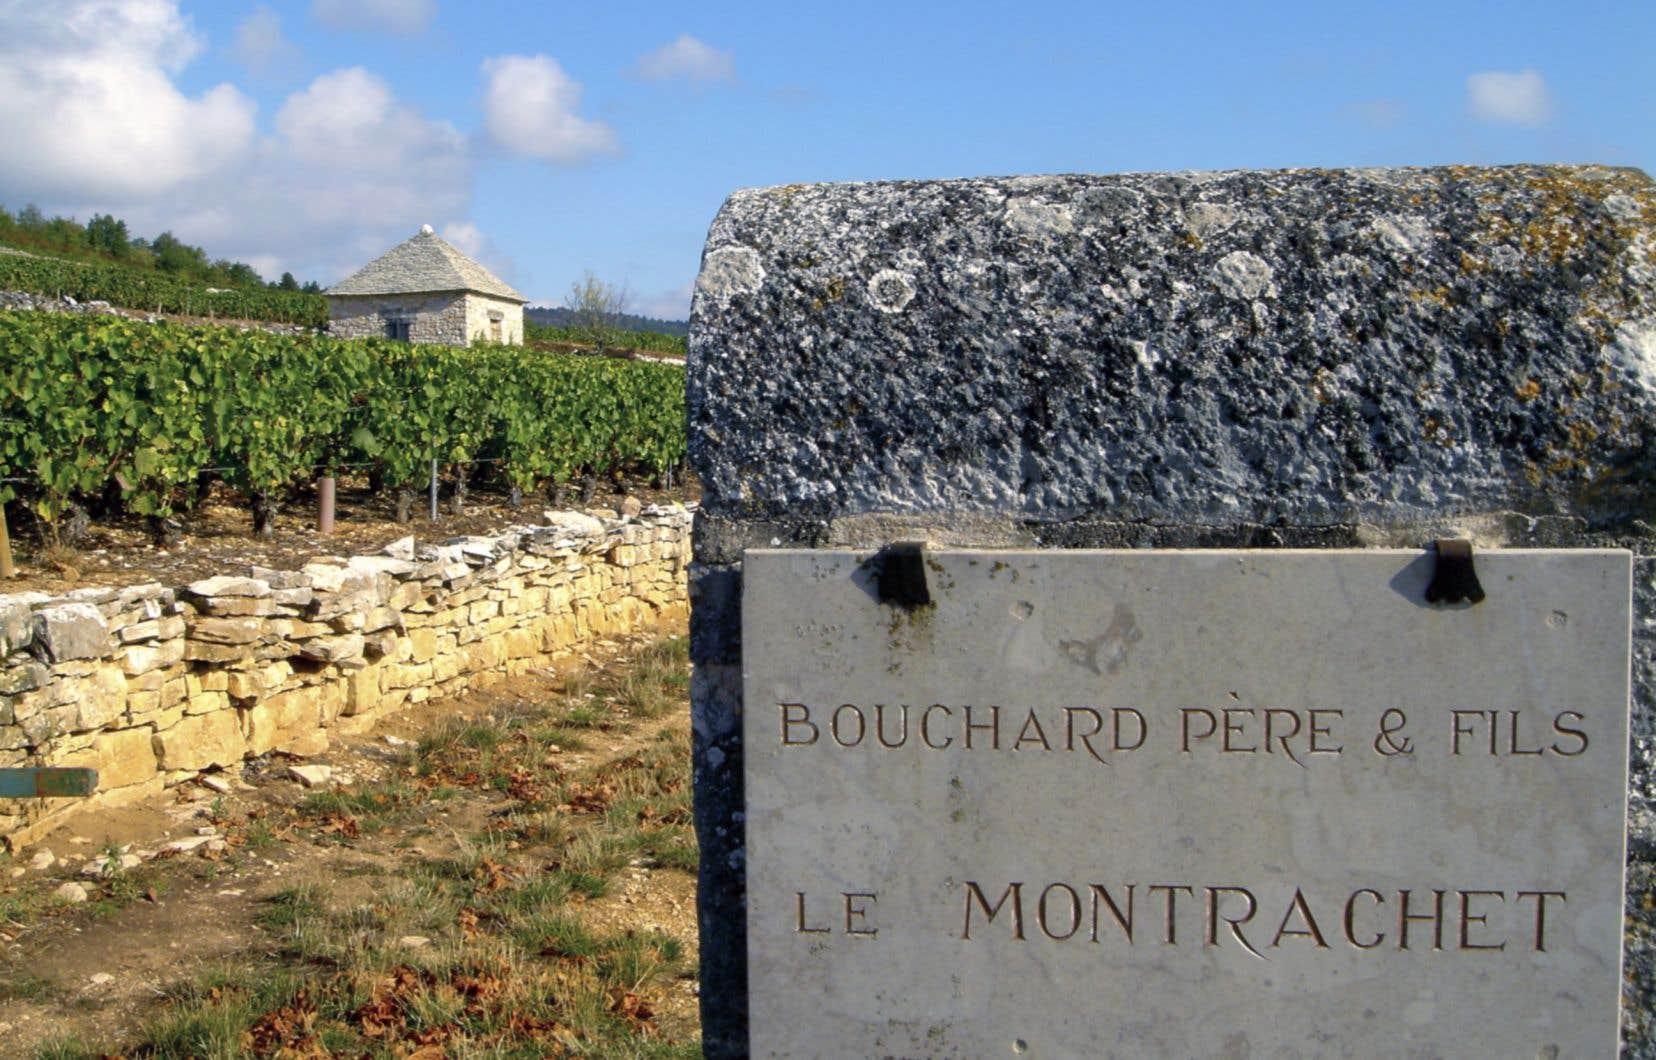 Entre 250 et 270 mètres d'altitude, le chardonnay livre, sur sous-sol argilo-calcaire-cailloutis, le grand Montrachet, un blanc singulier qui laisse bouche bée.